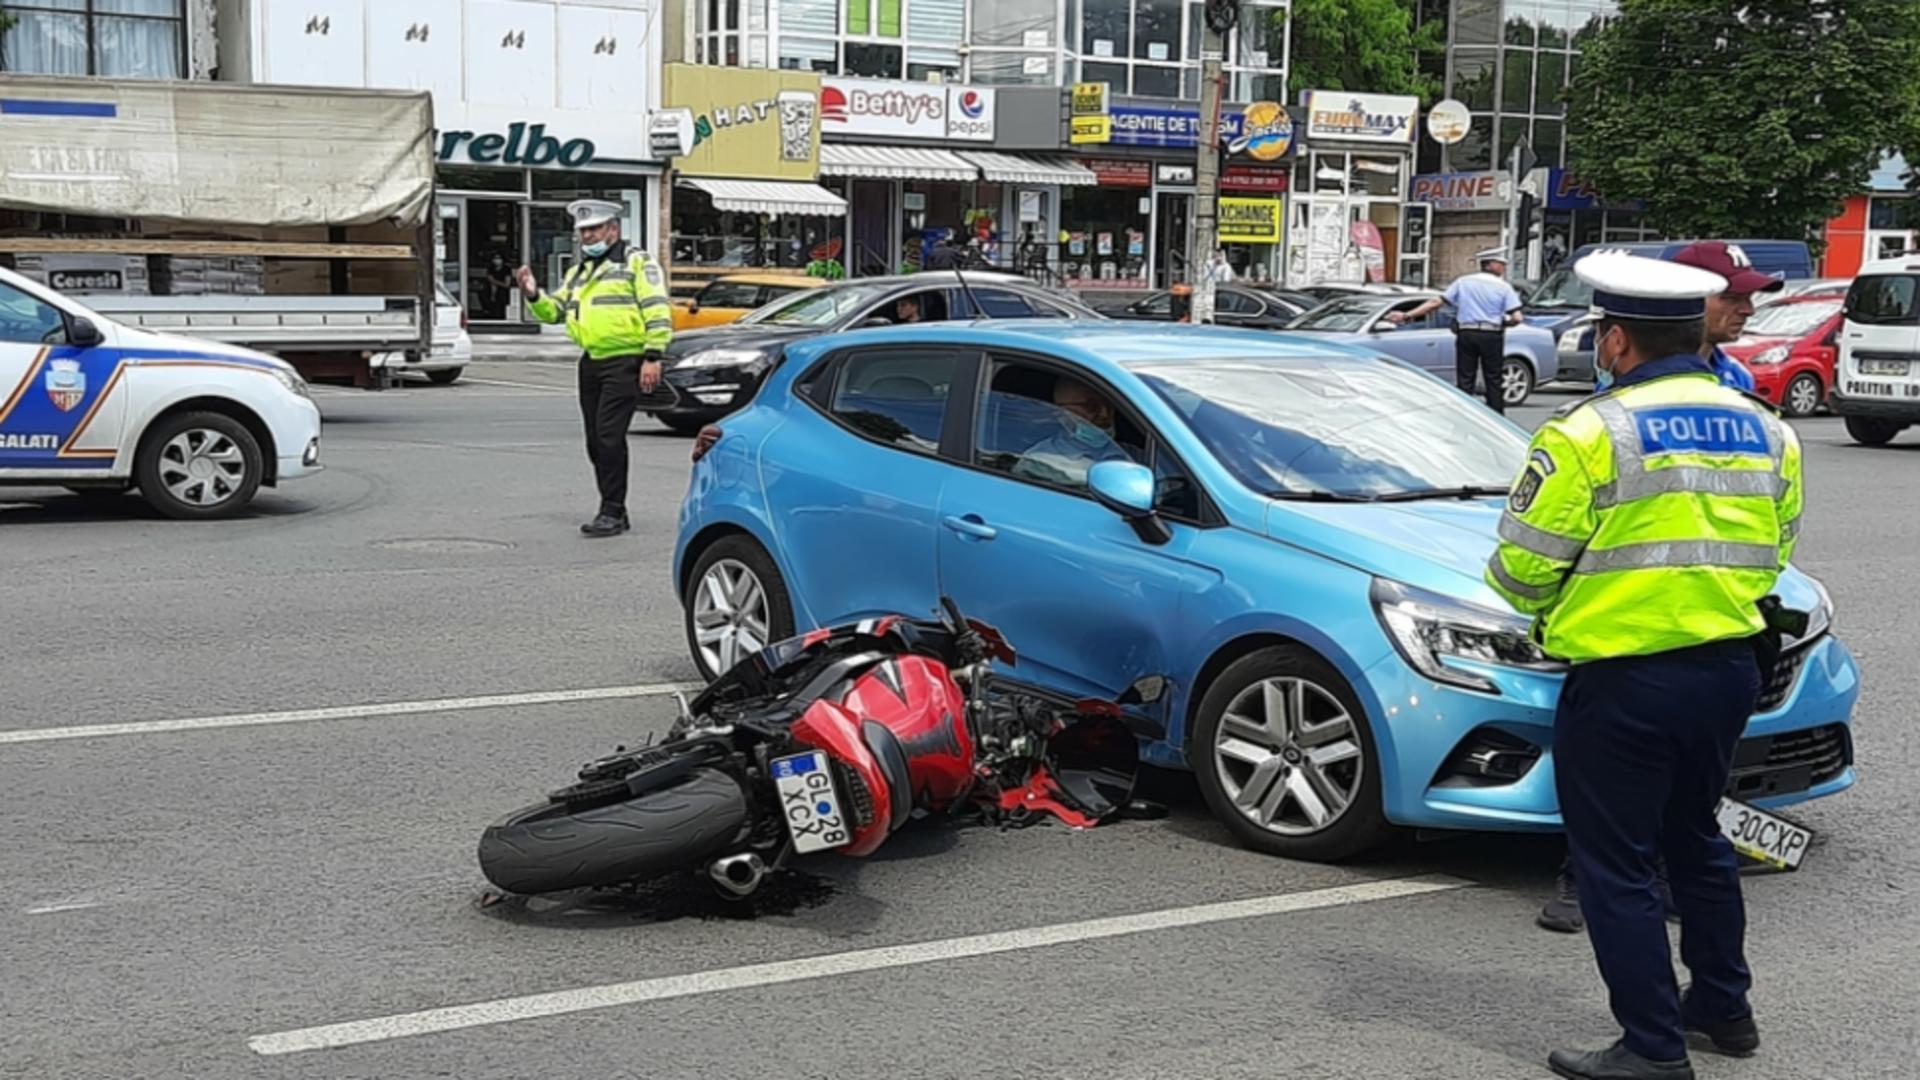 Un motociclist a fost grav rănit în urma impactului cu un autoturism. Foto/poliția